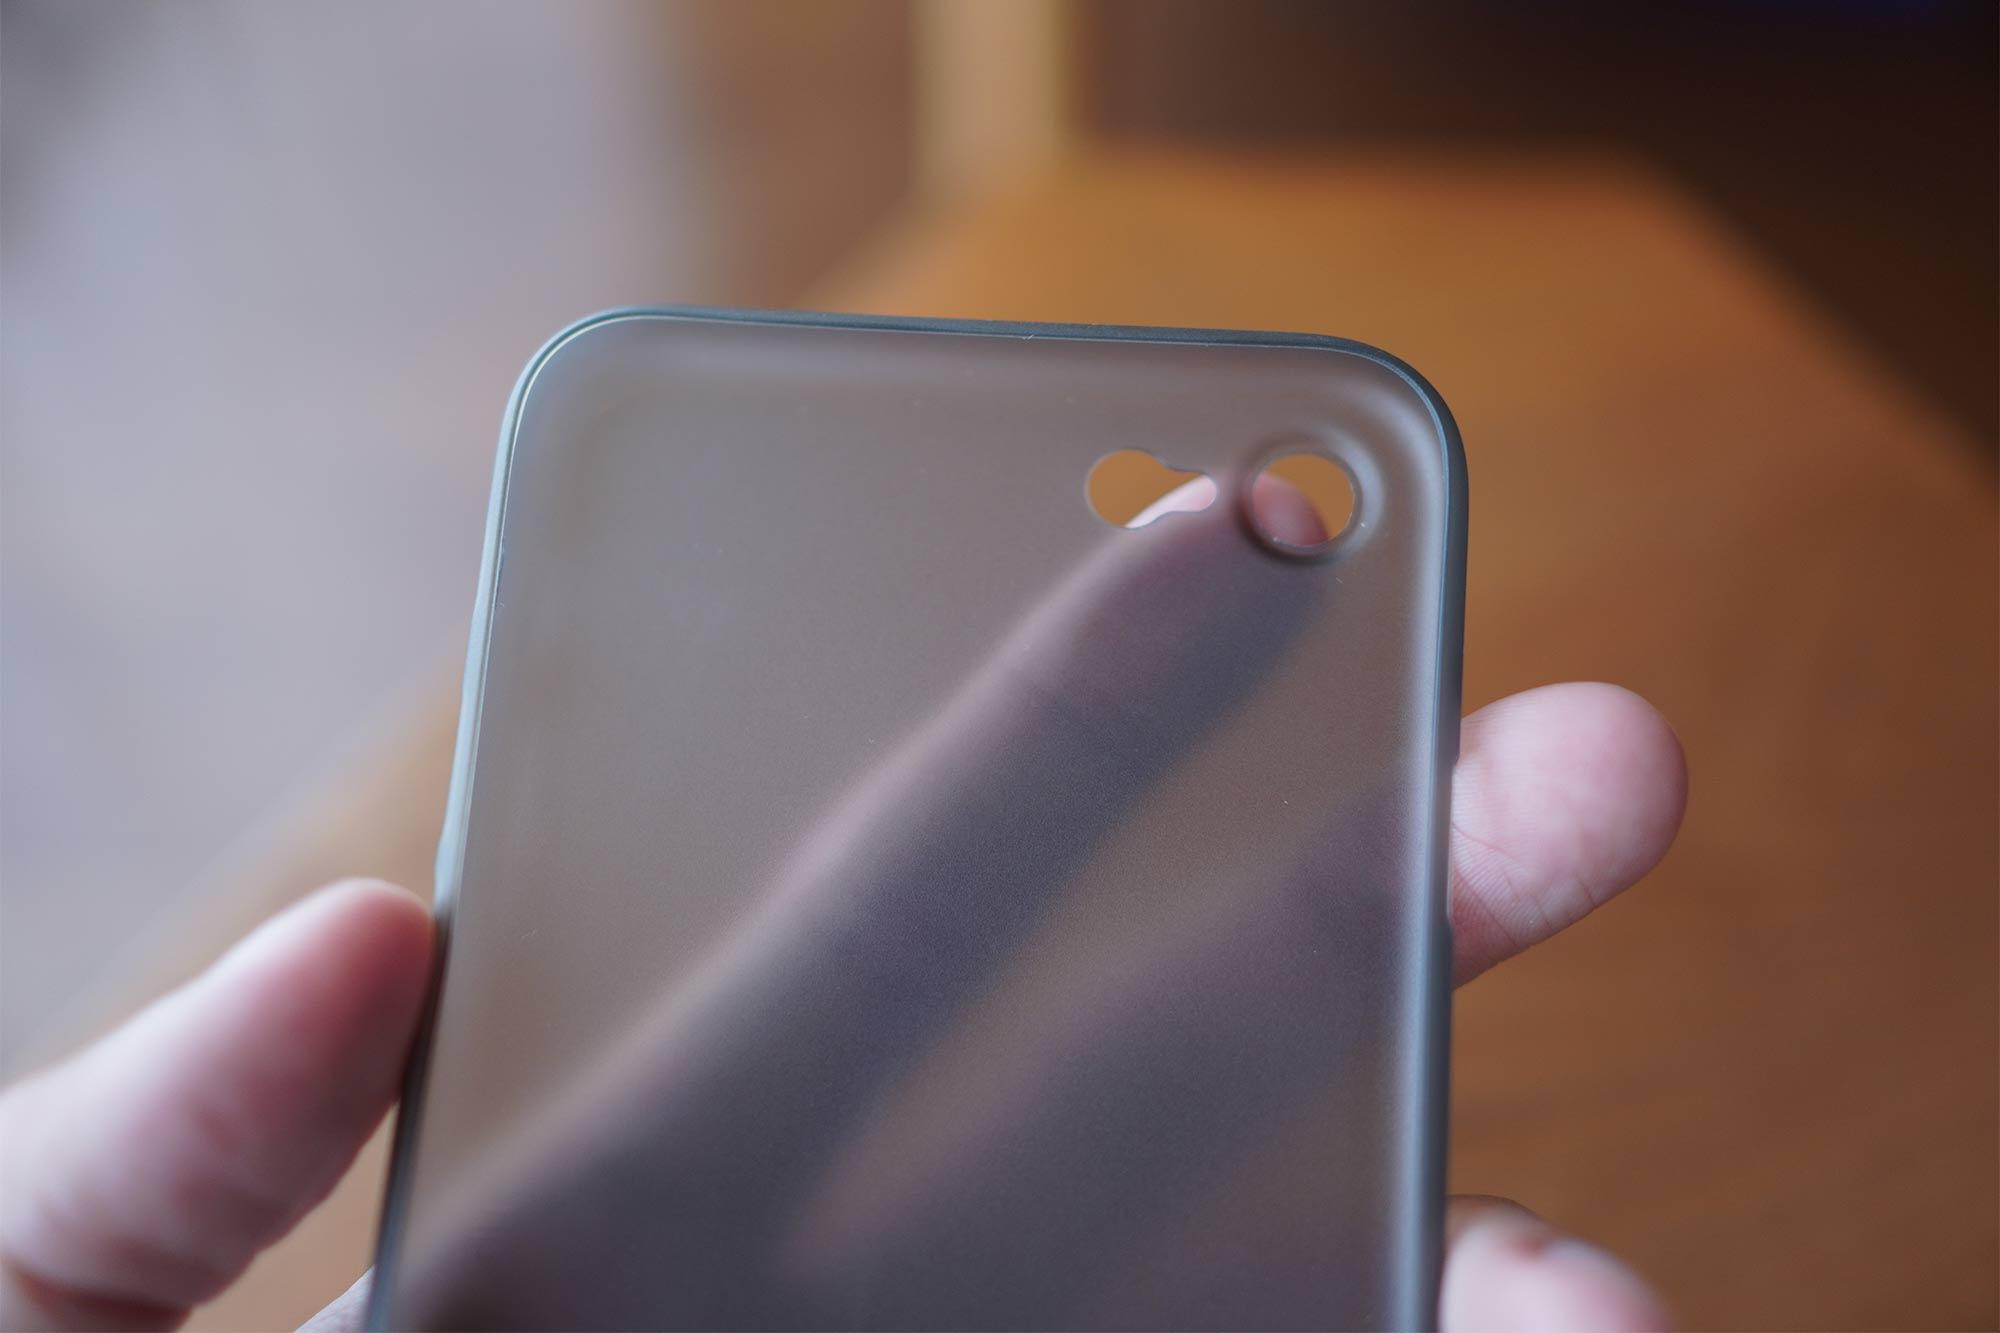 iPhone SE,iPhone 8,iPhone7,ケース,最薄型,最軽量,memumi,レンズ